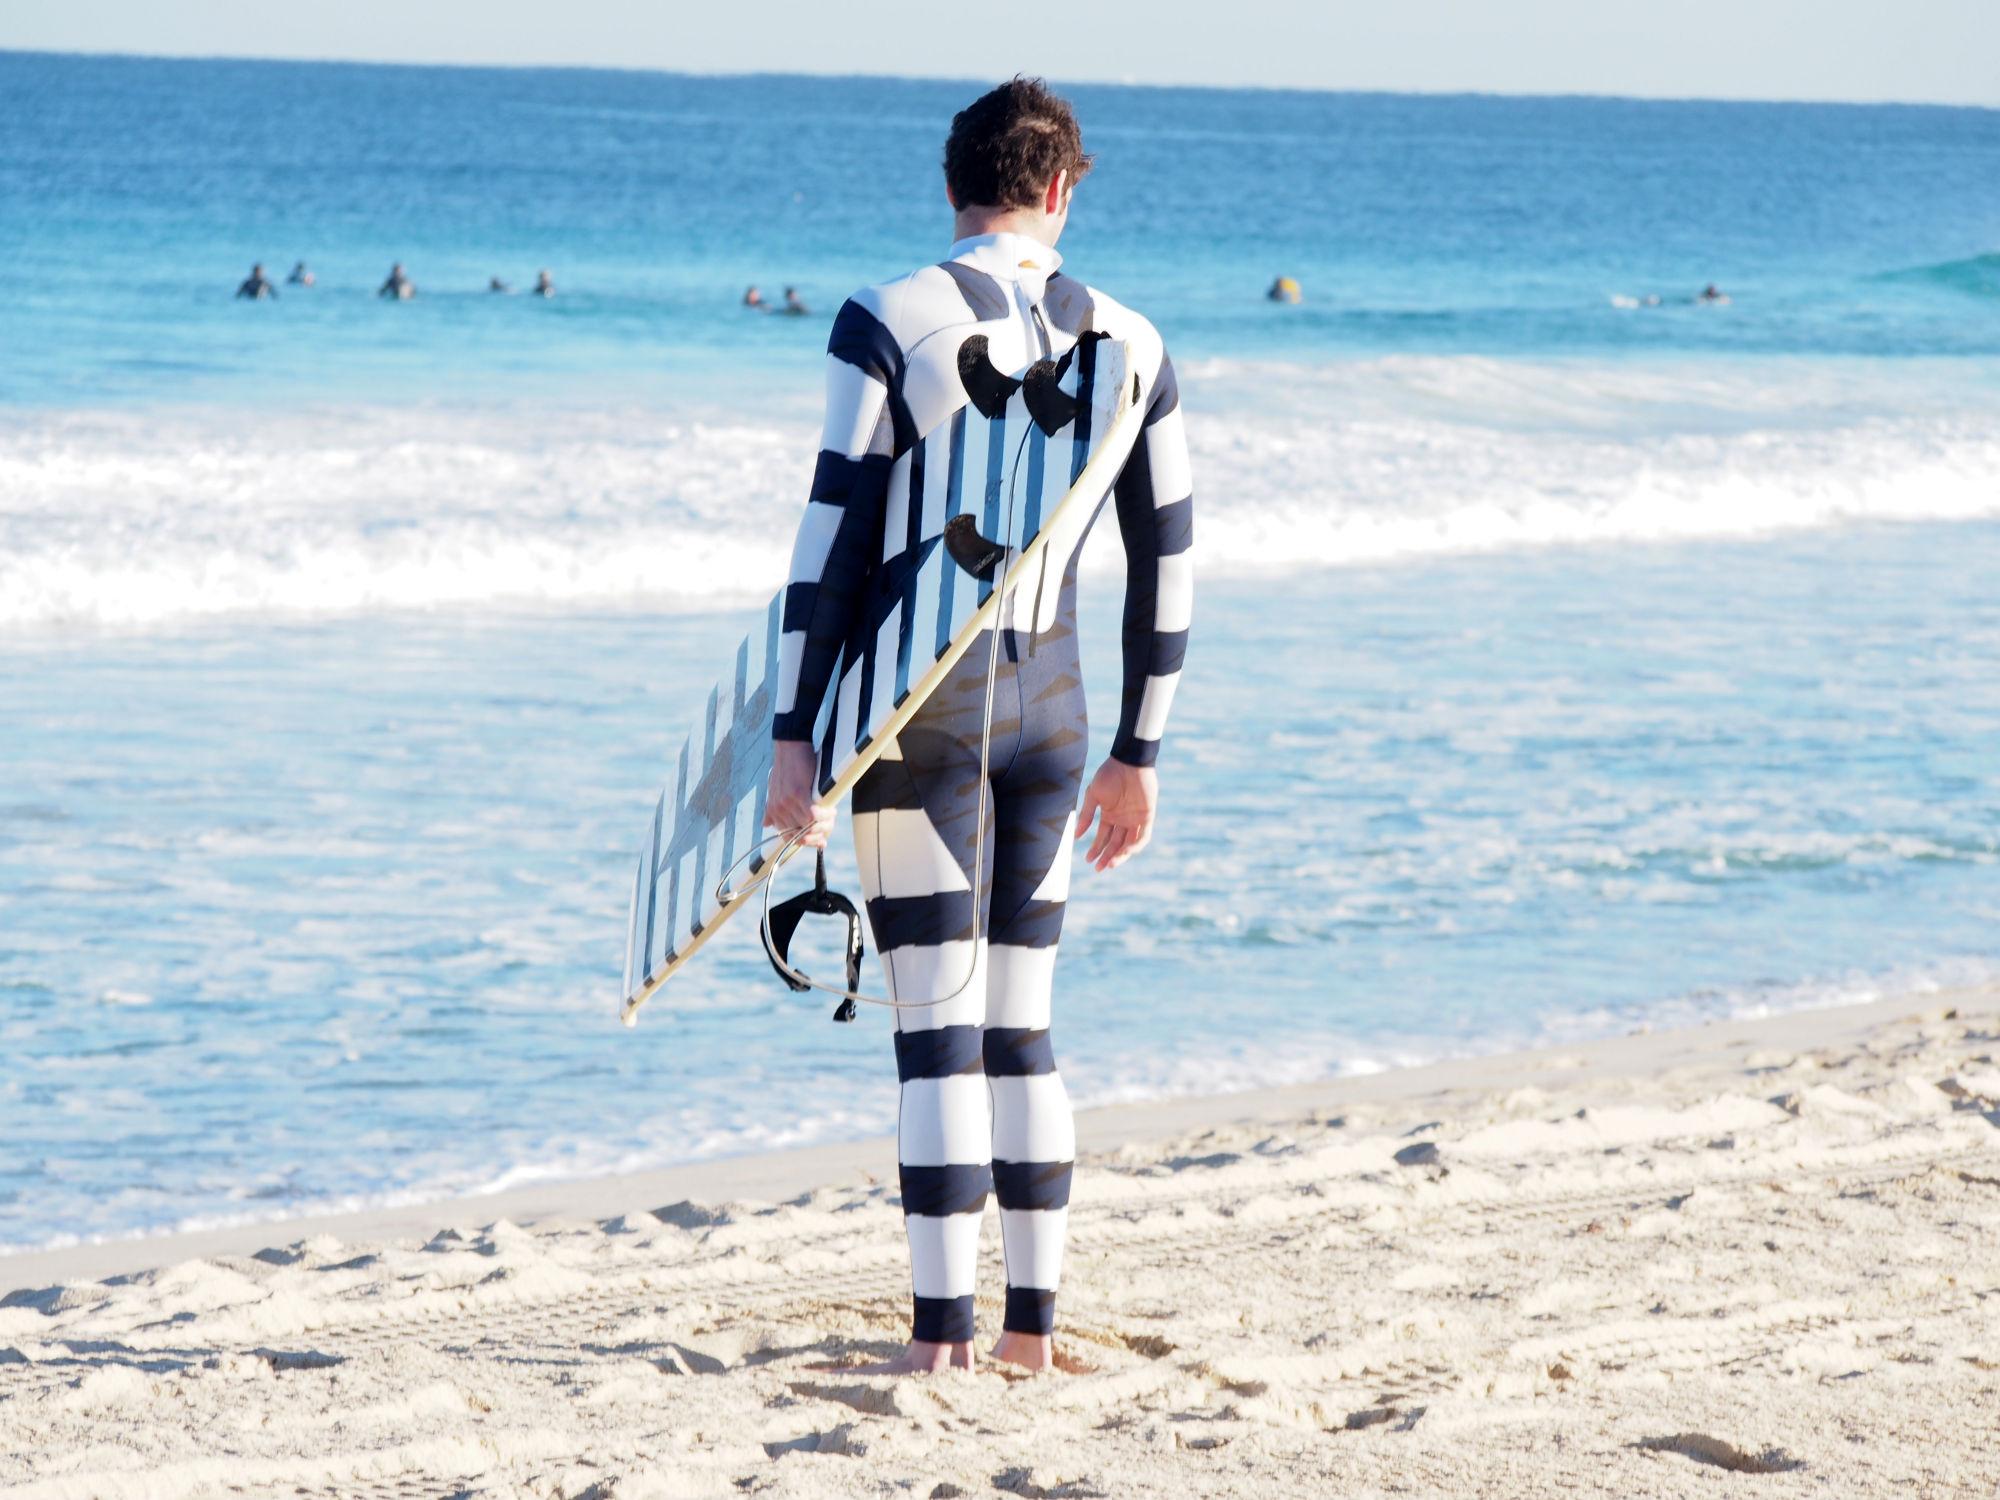 Dieser schwarz-weiß gestreifte Anzug soll angeblich Haien Angst einjagen.